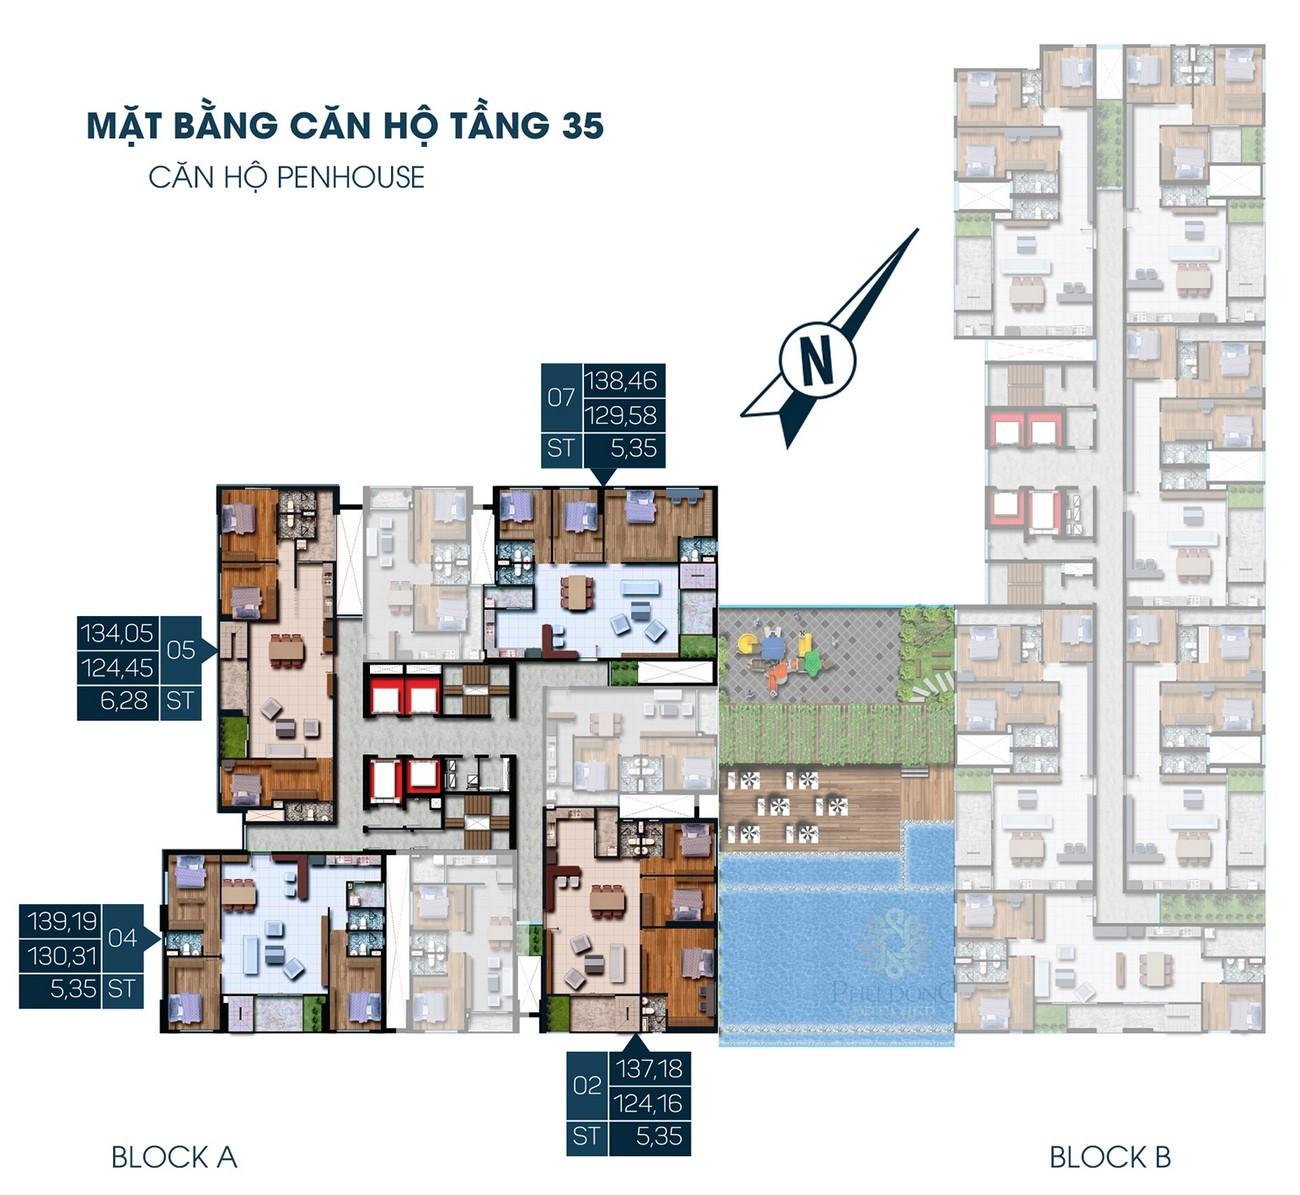 Mặt bằng dự án căn hộ chung cư Phú Đông Smart City Dĩ An Đường ĐL Độc Lập chủ đầu tư Phú Đông Group